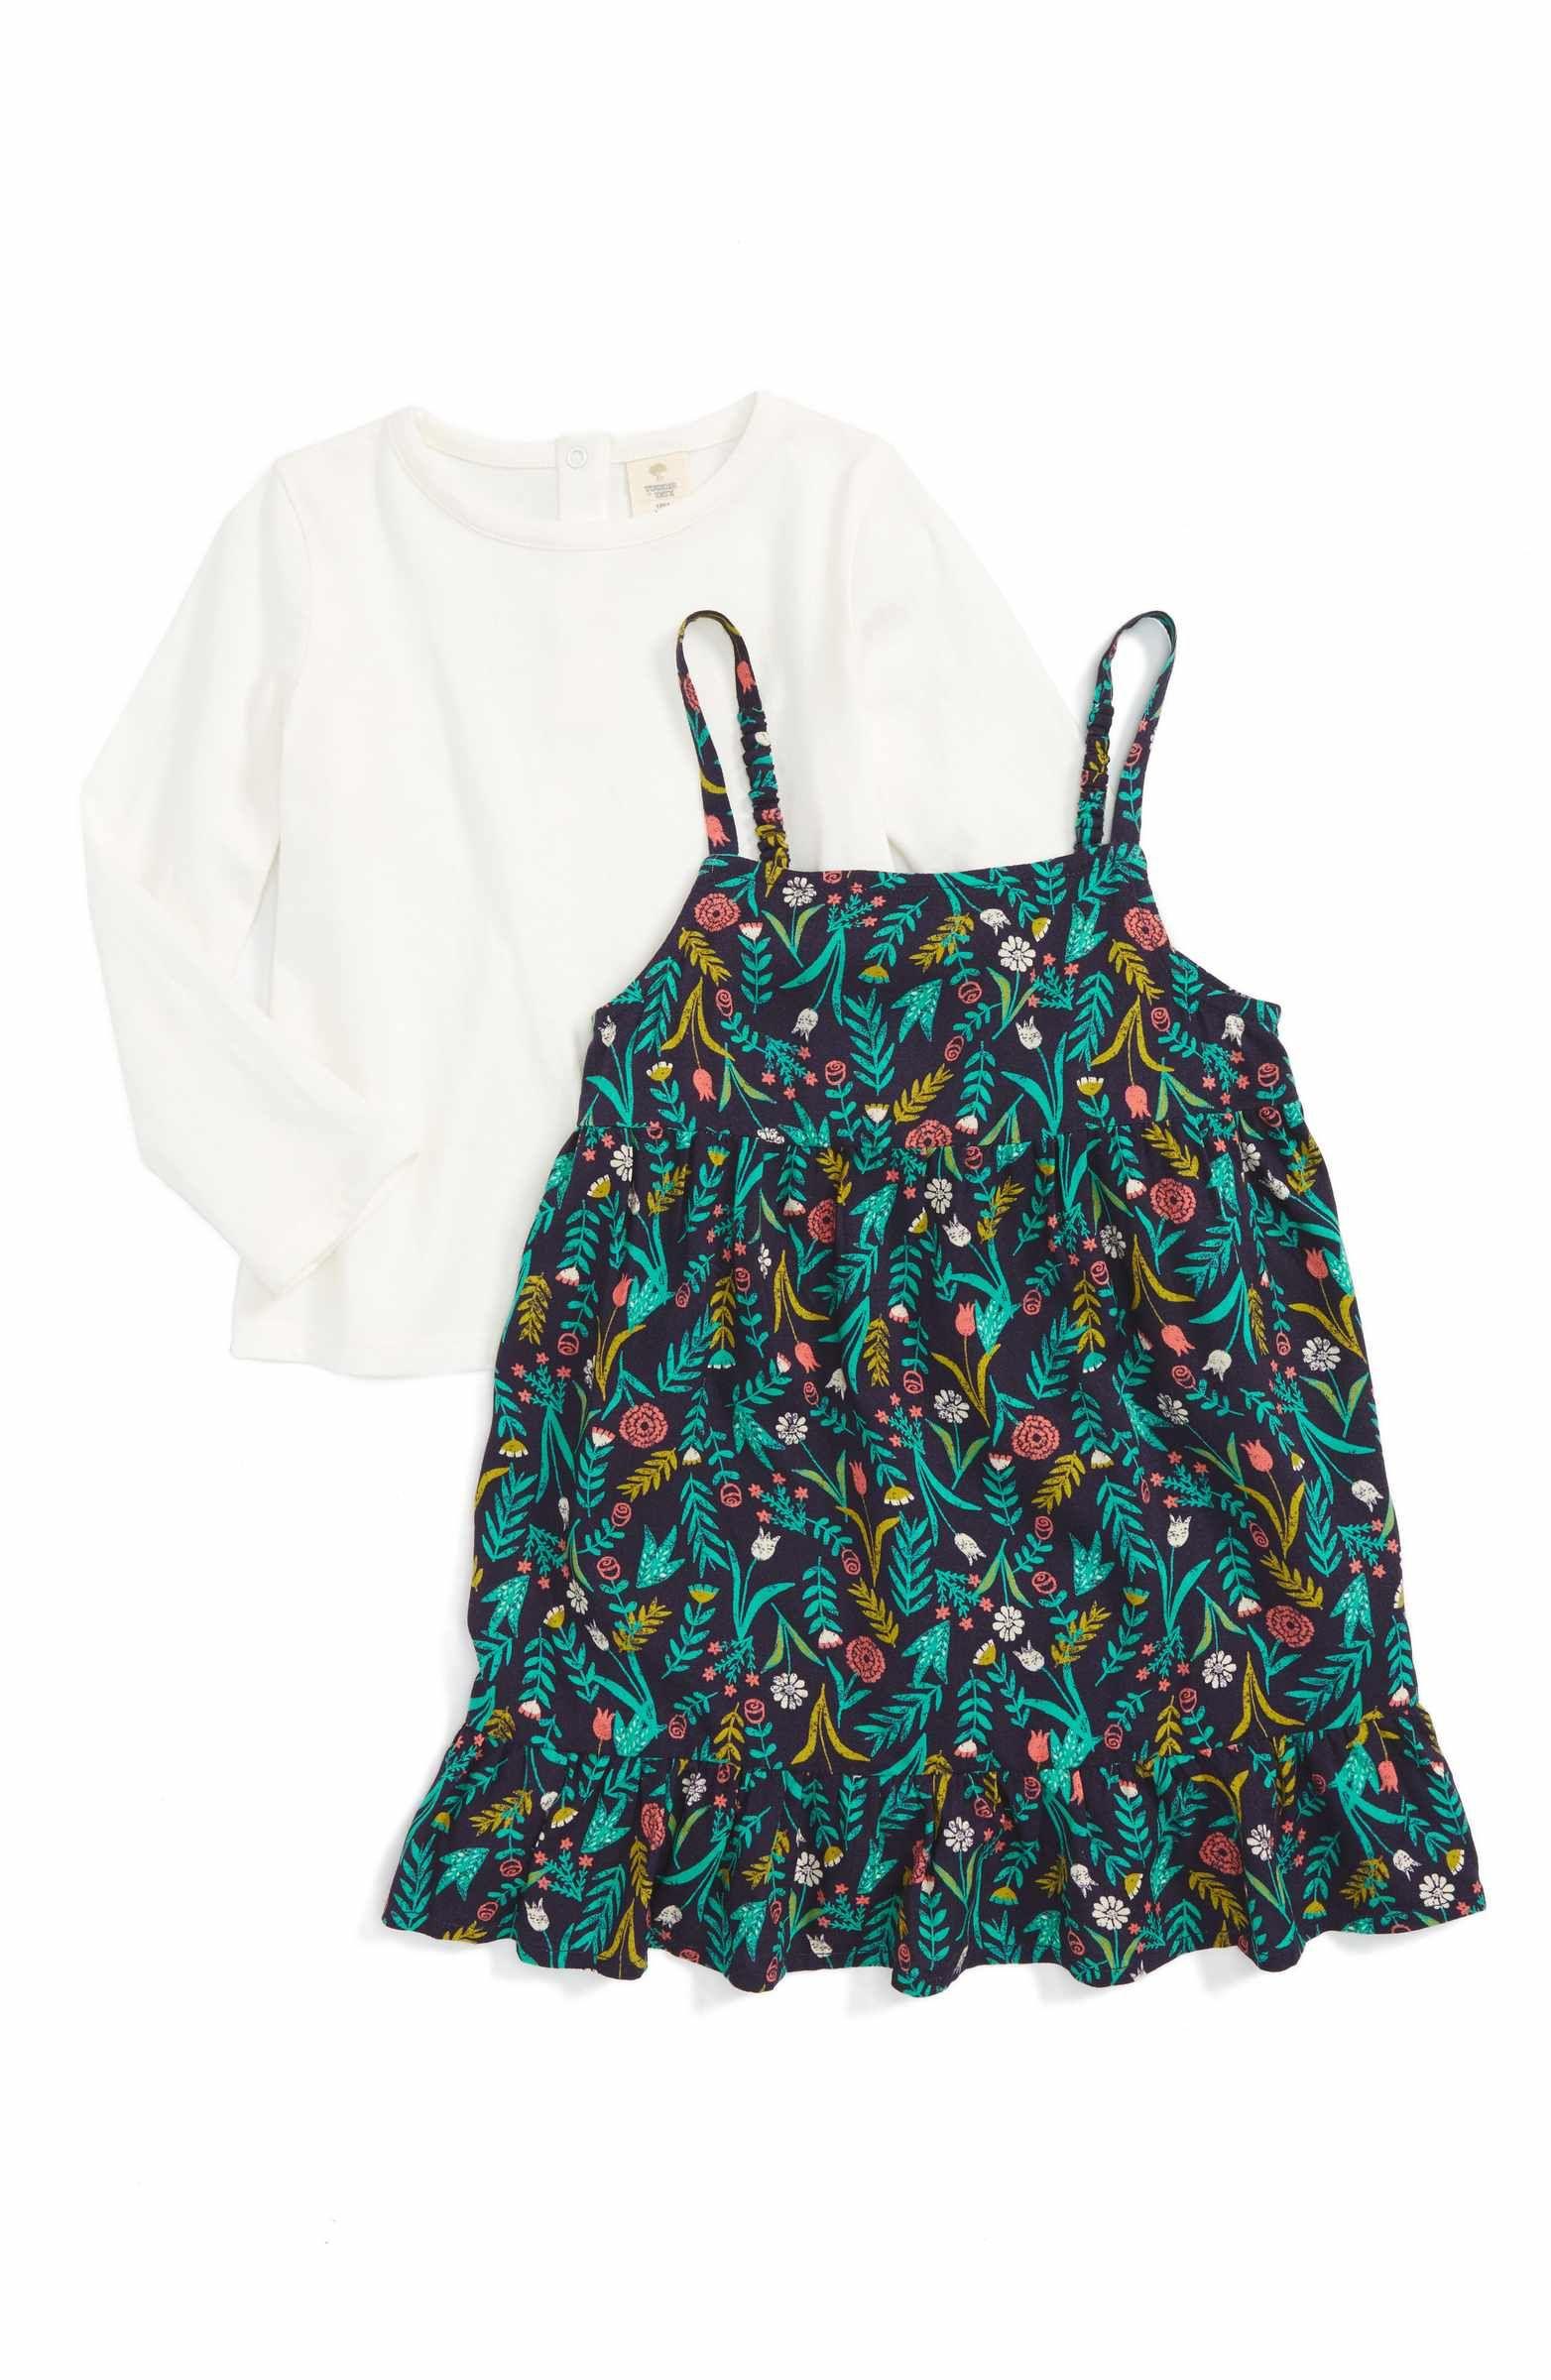 Main Image Tucker Tate Dress & Tee Set Baby Girls